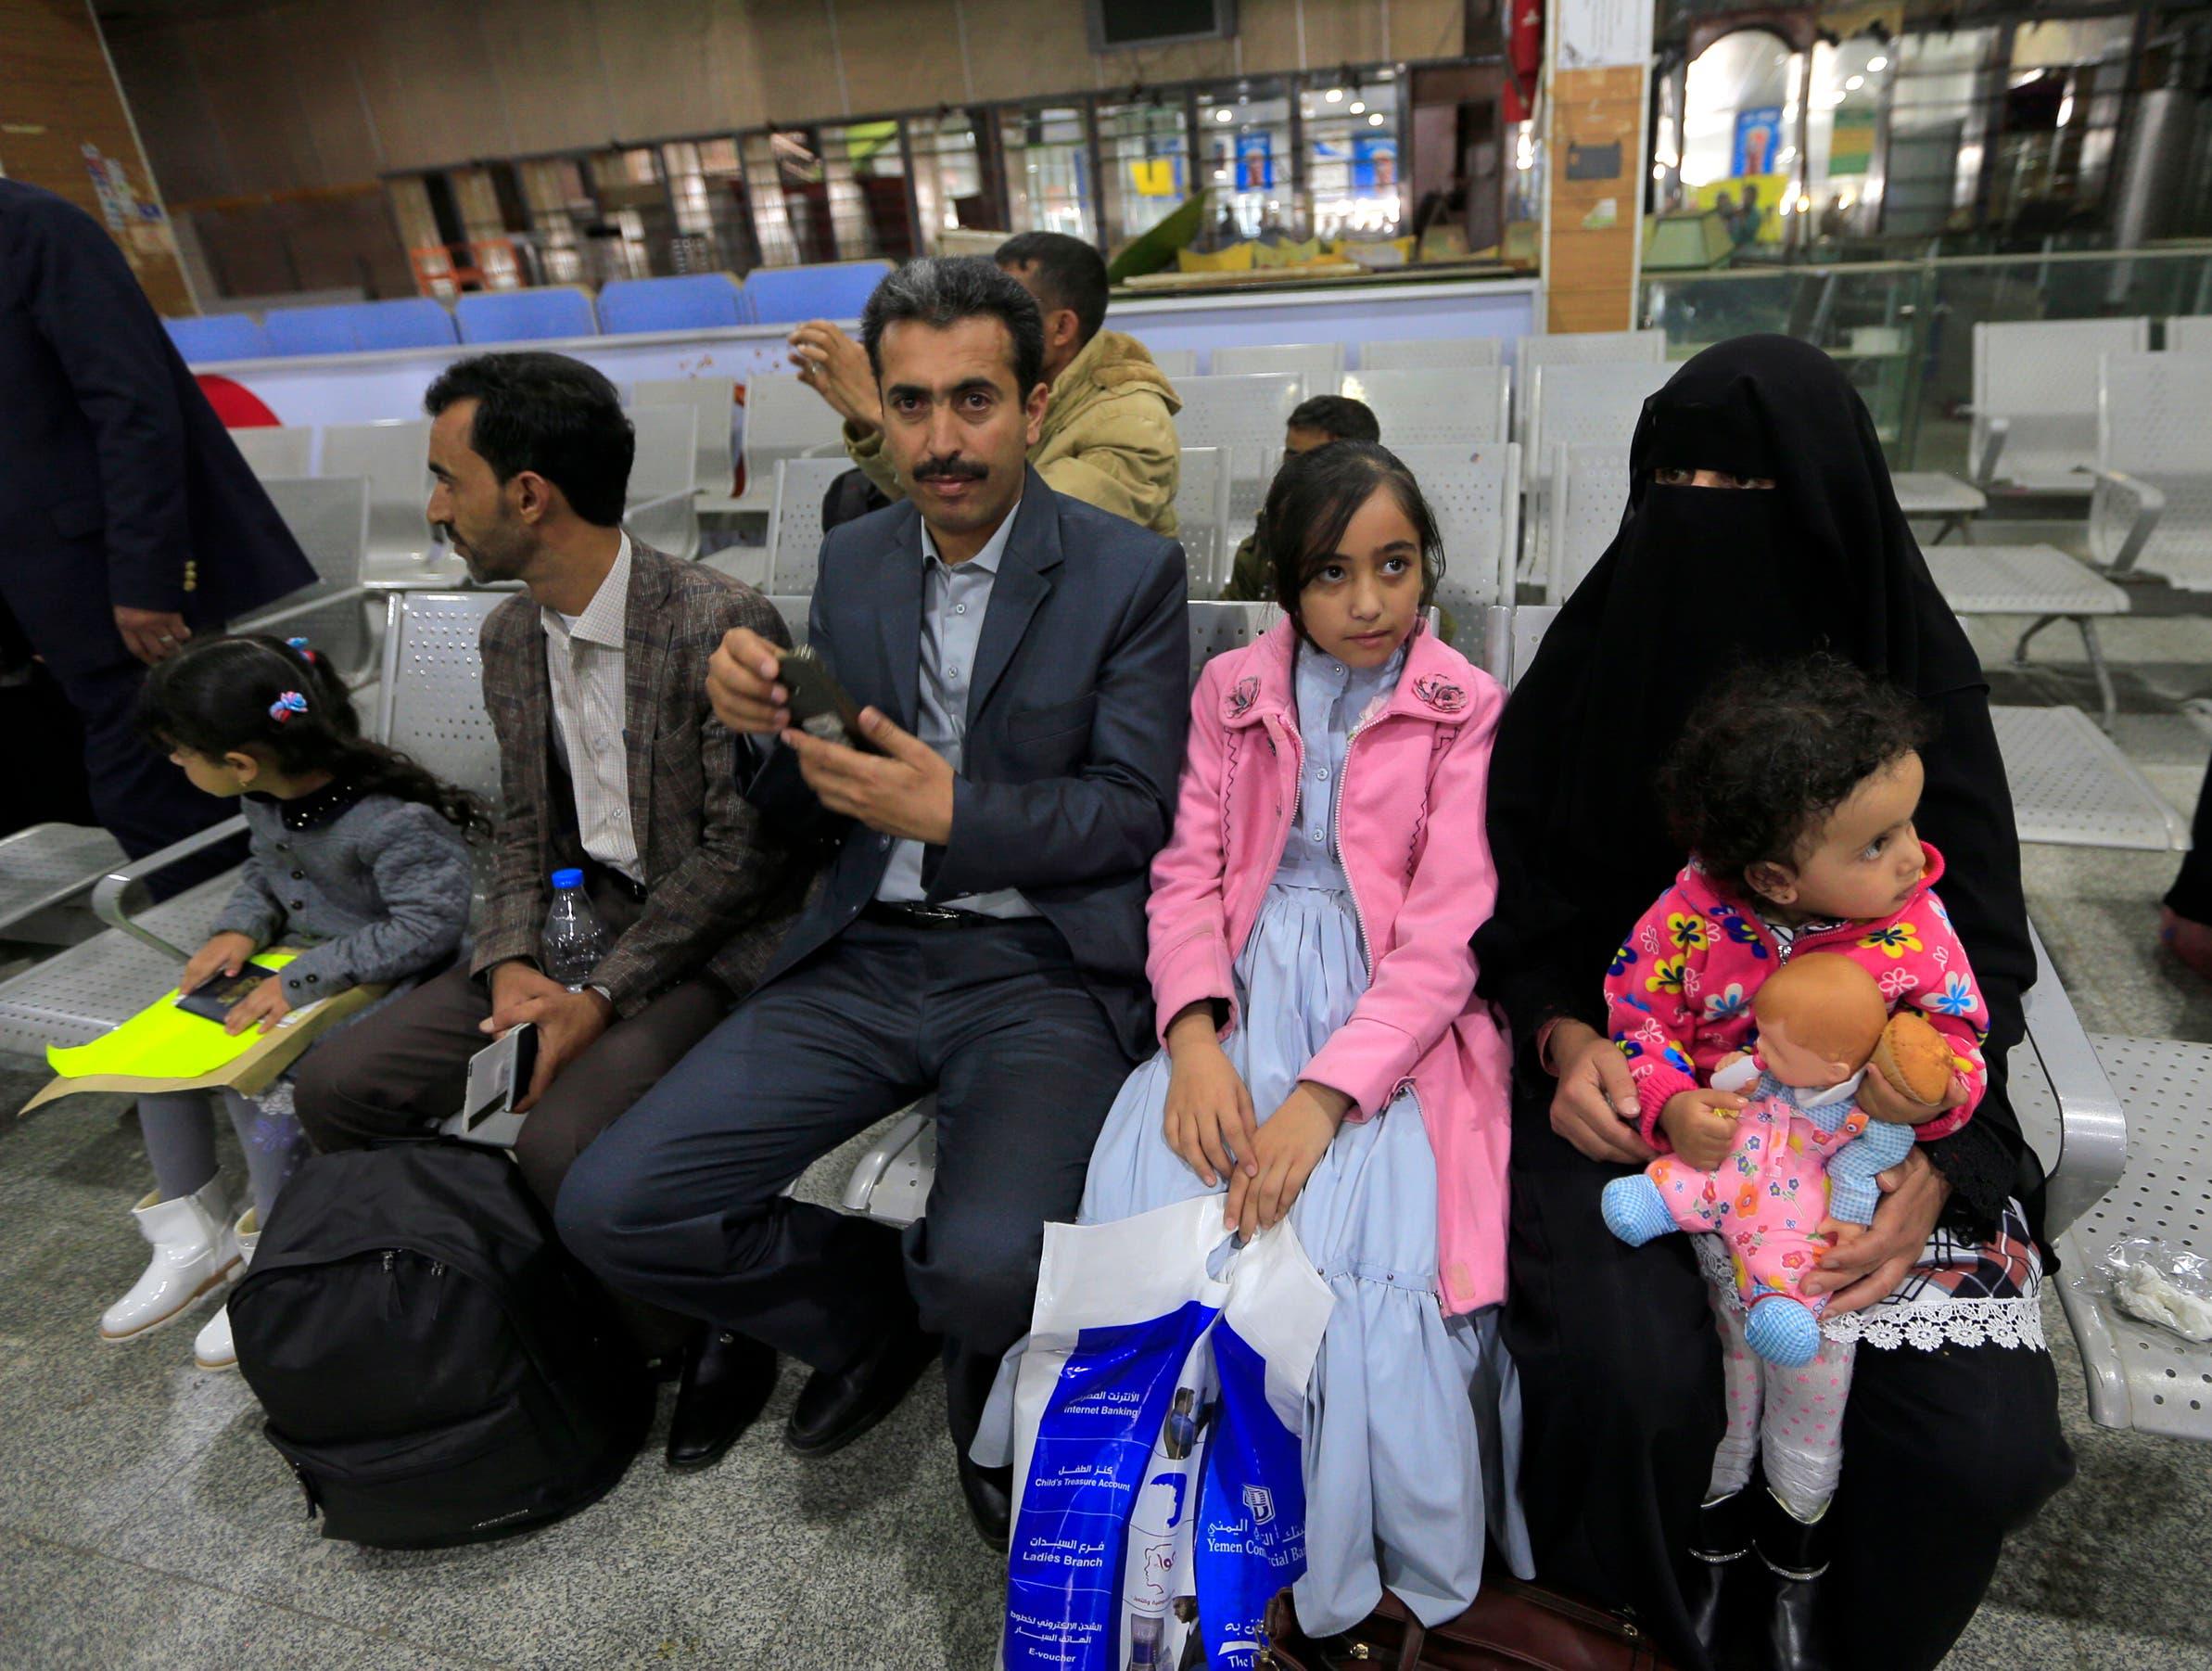 أطفال مرضى في مطار صنعاء بانتظار نقلهم إلى الأردن(أرشيفية- فرانس برس)